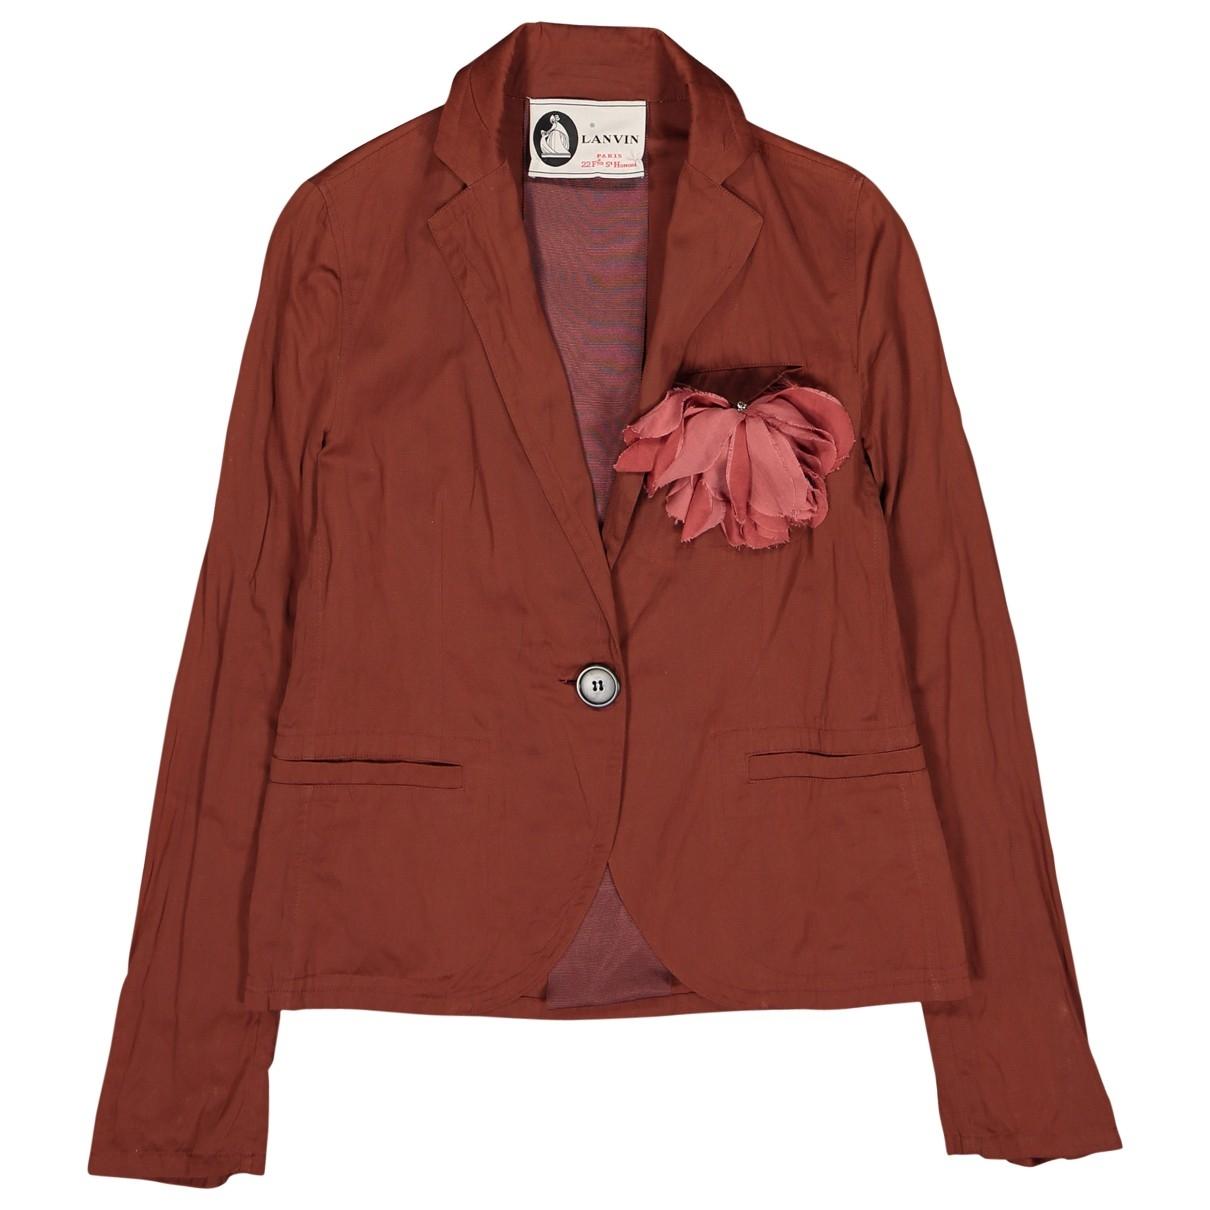 Lanvin - Veste   pour femme en coton - marron